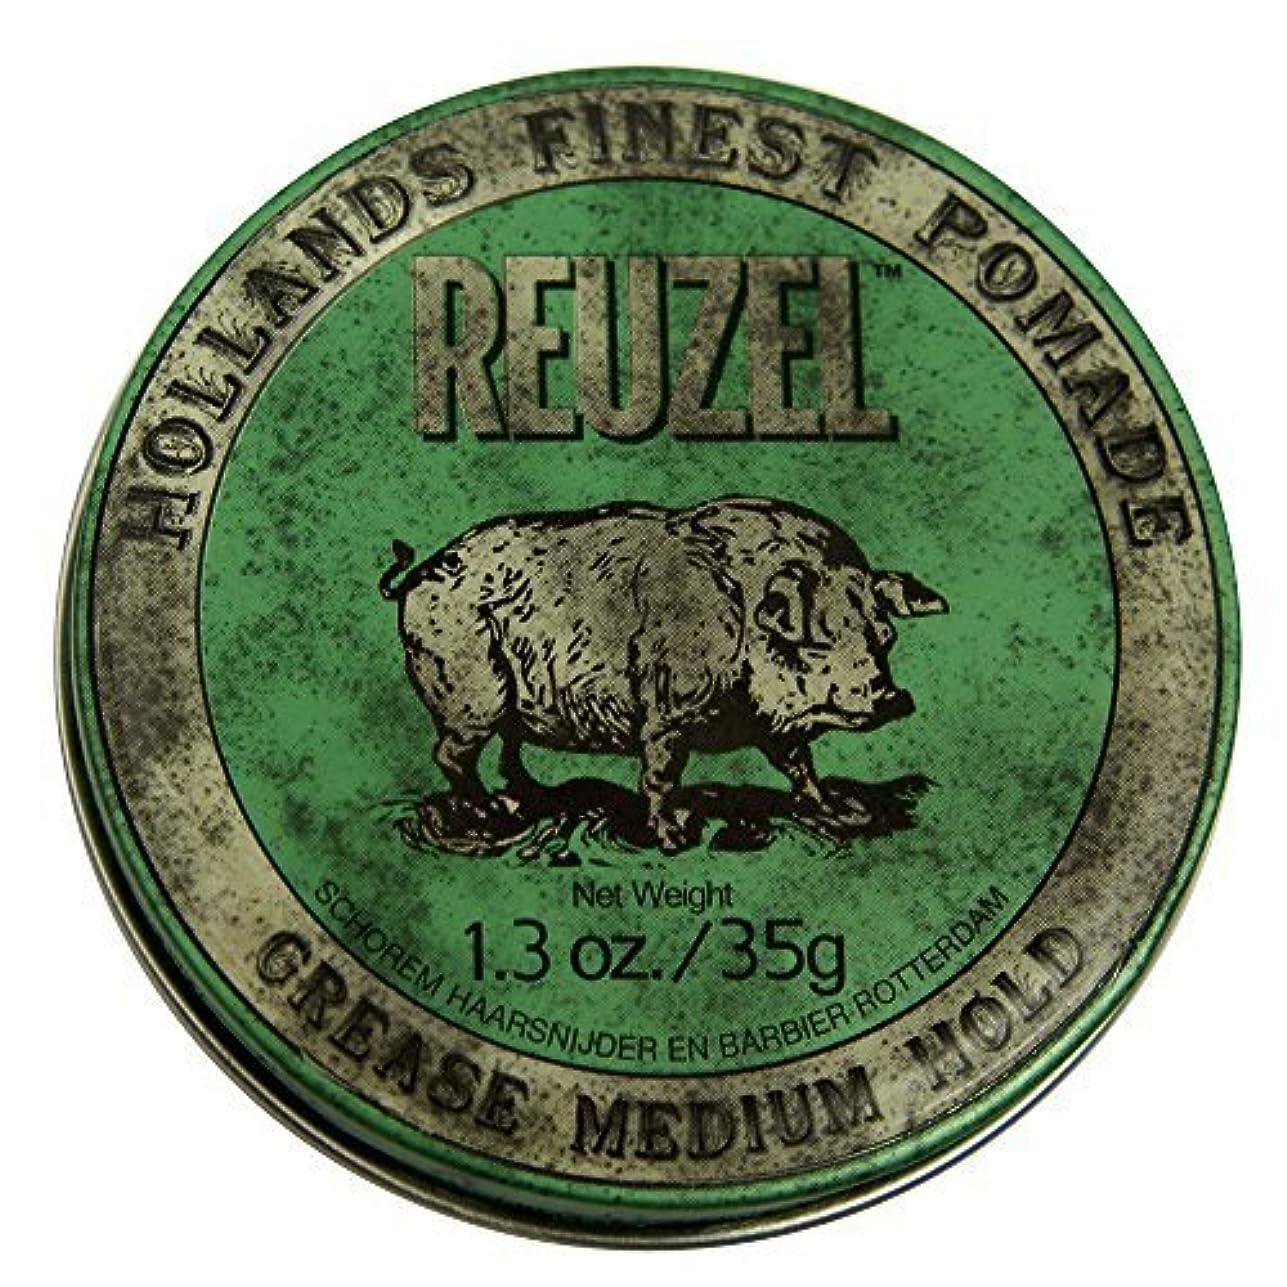 穿孔する多数の看板by Reuzel Reuzel Green Grease Medium Hold Hair Styling Pomade Piglet 1.3oz (35g) Wax/Gel [並行輸入品]